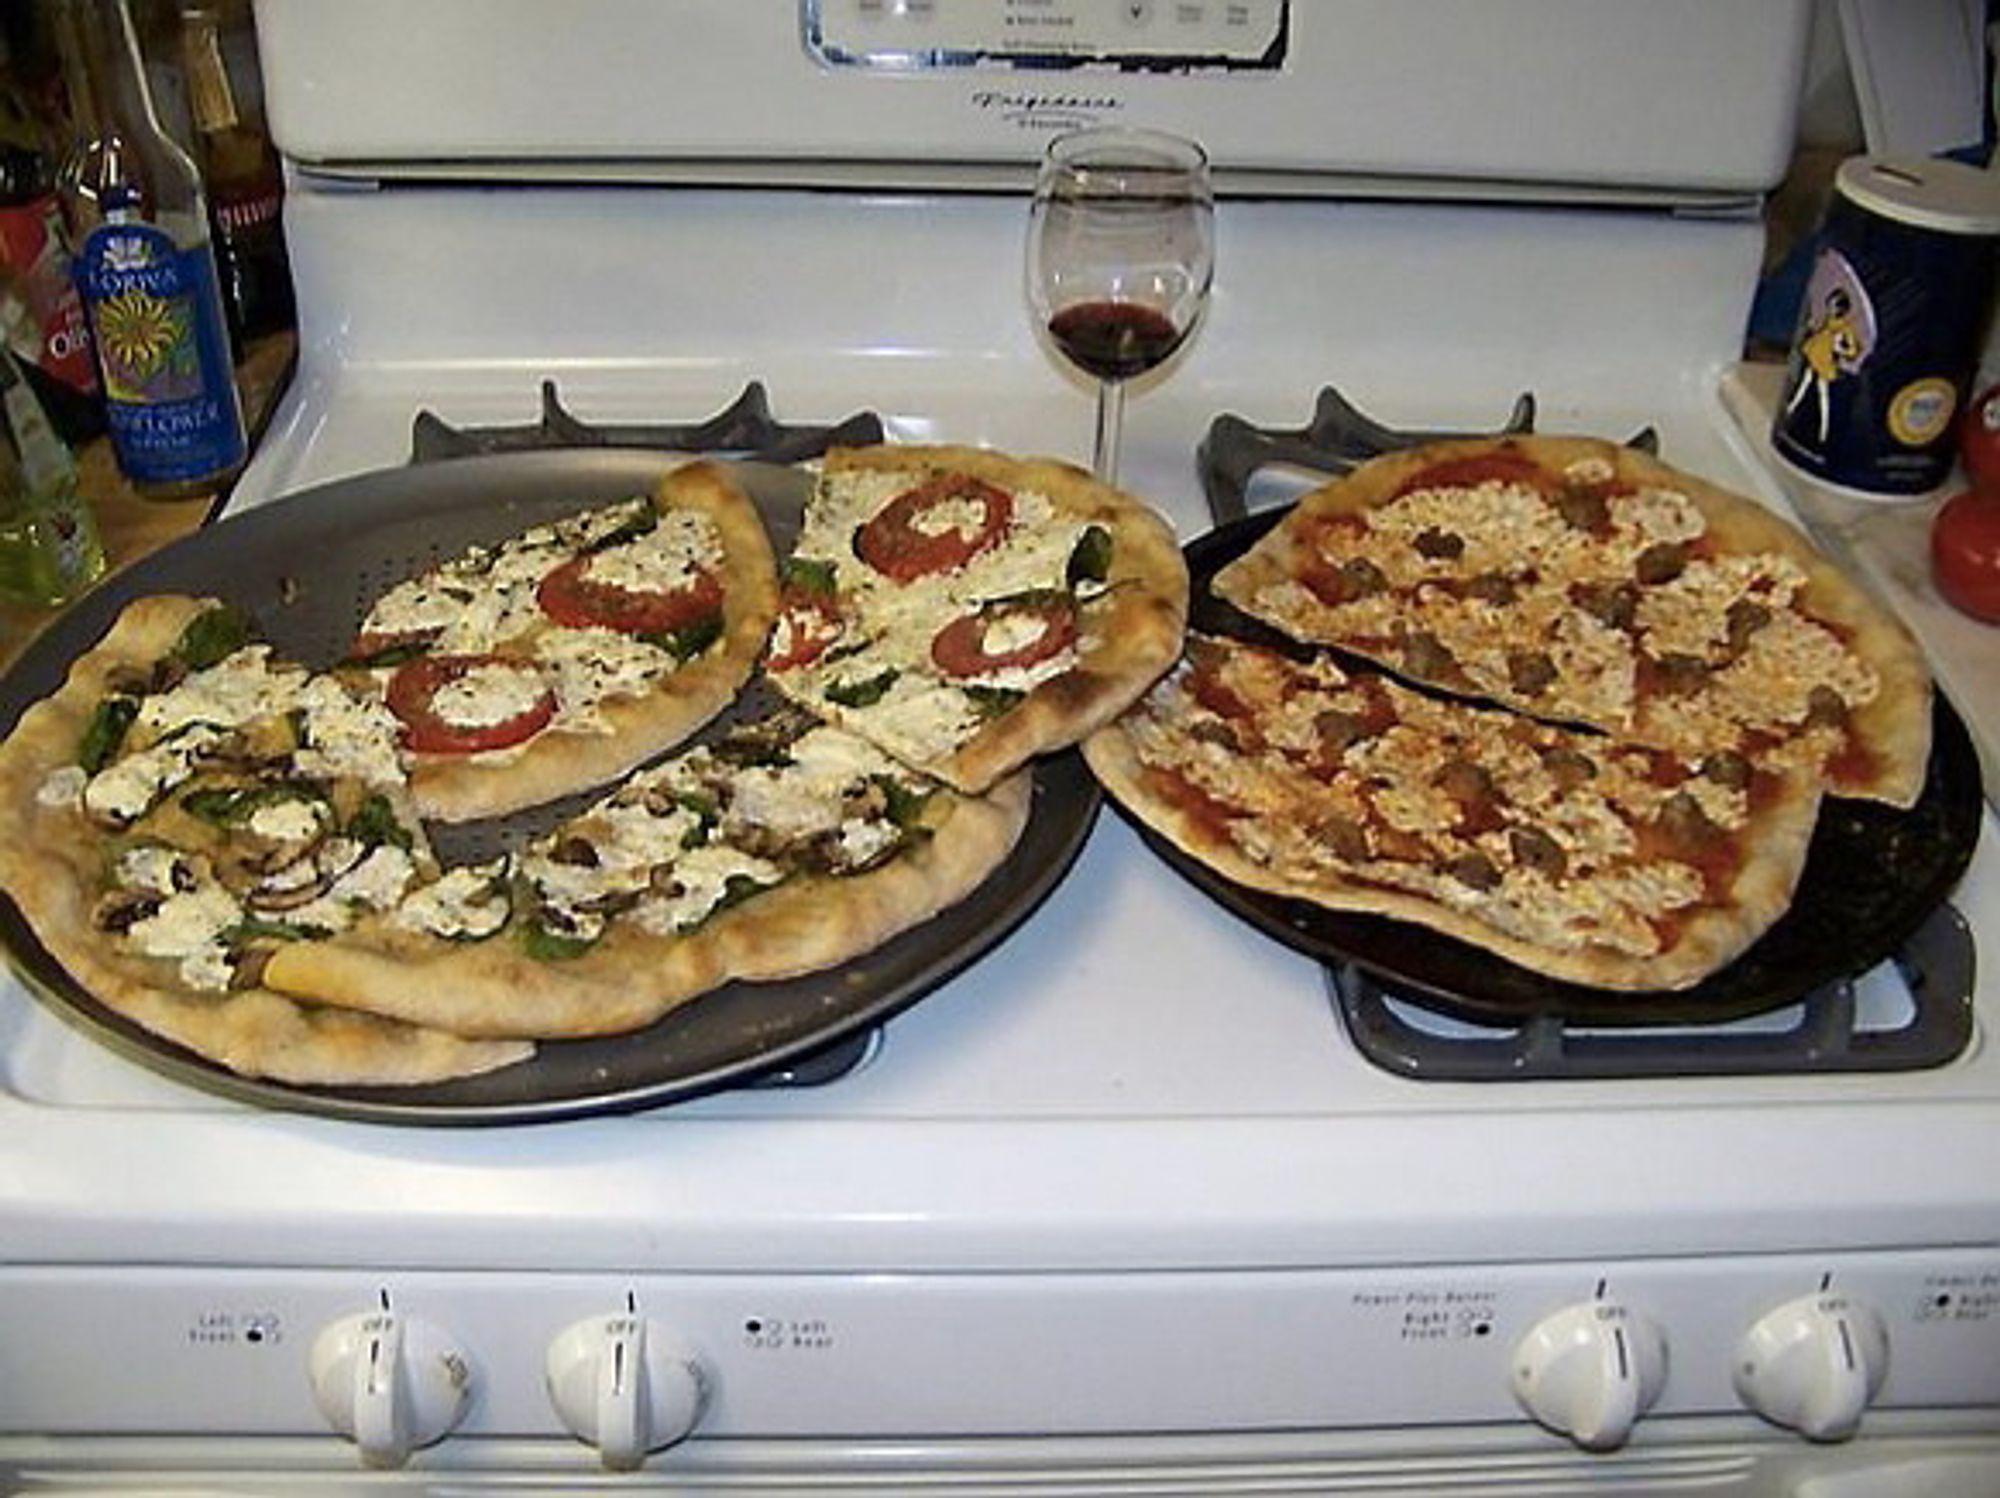 Slik forklarer Googles nettverk dette bildet: Two pizzas sitting on top of a stove top oven.